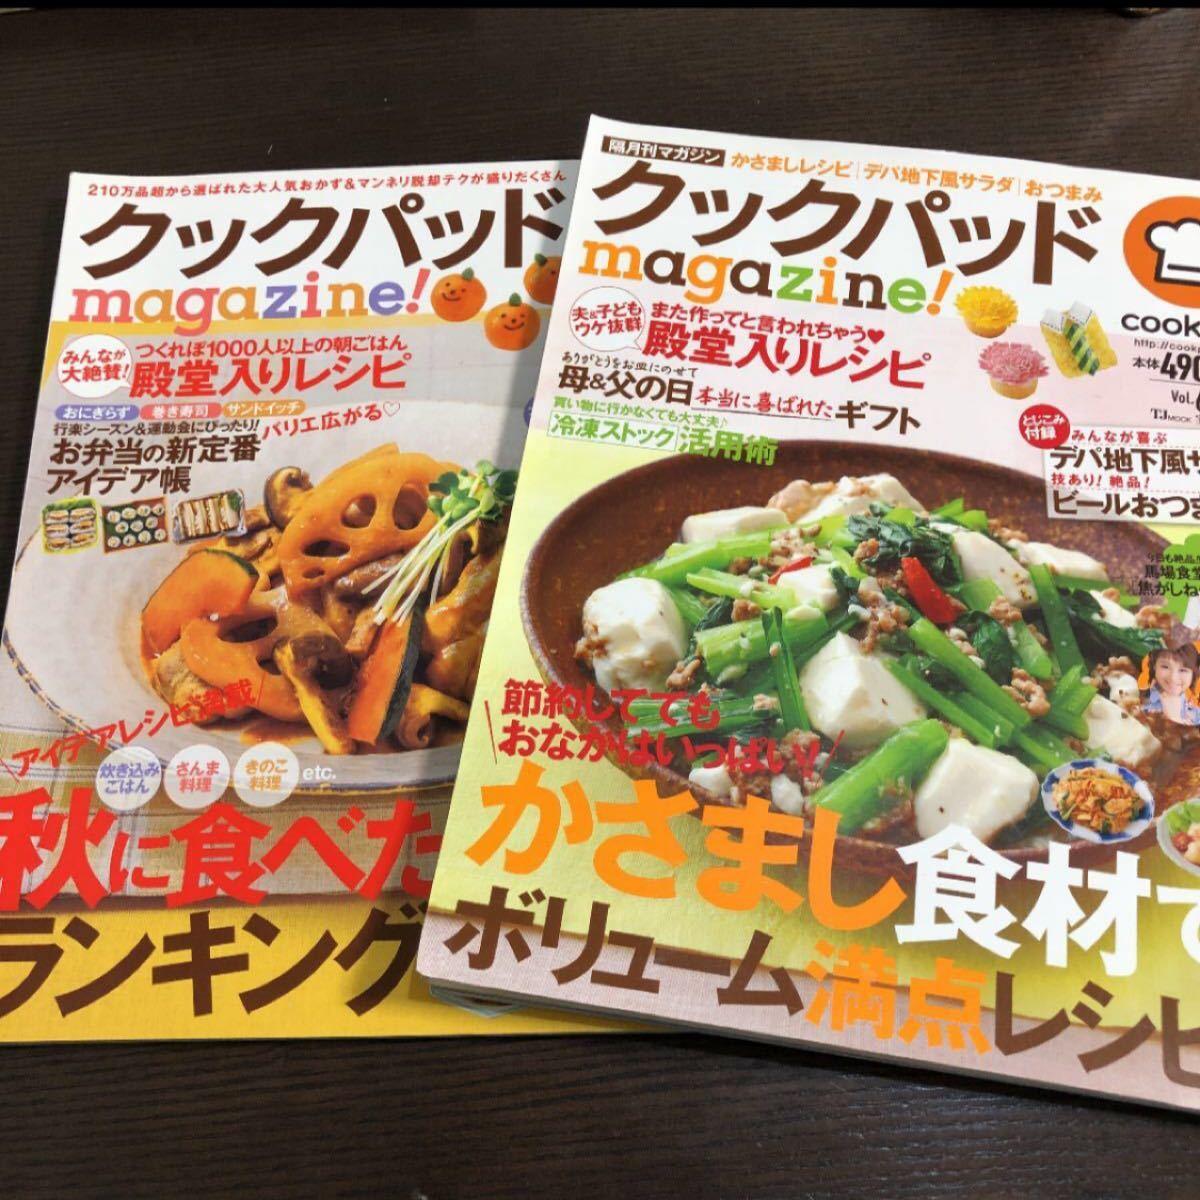 クックパッドmagazine! vol.2と6 2冊セット